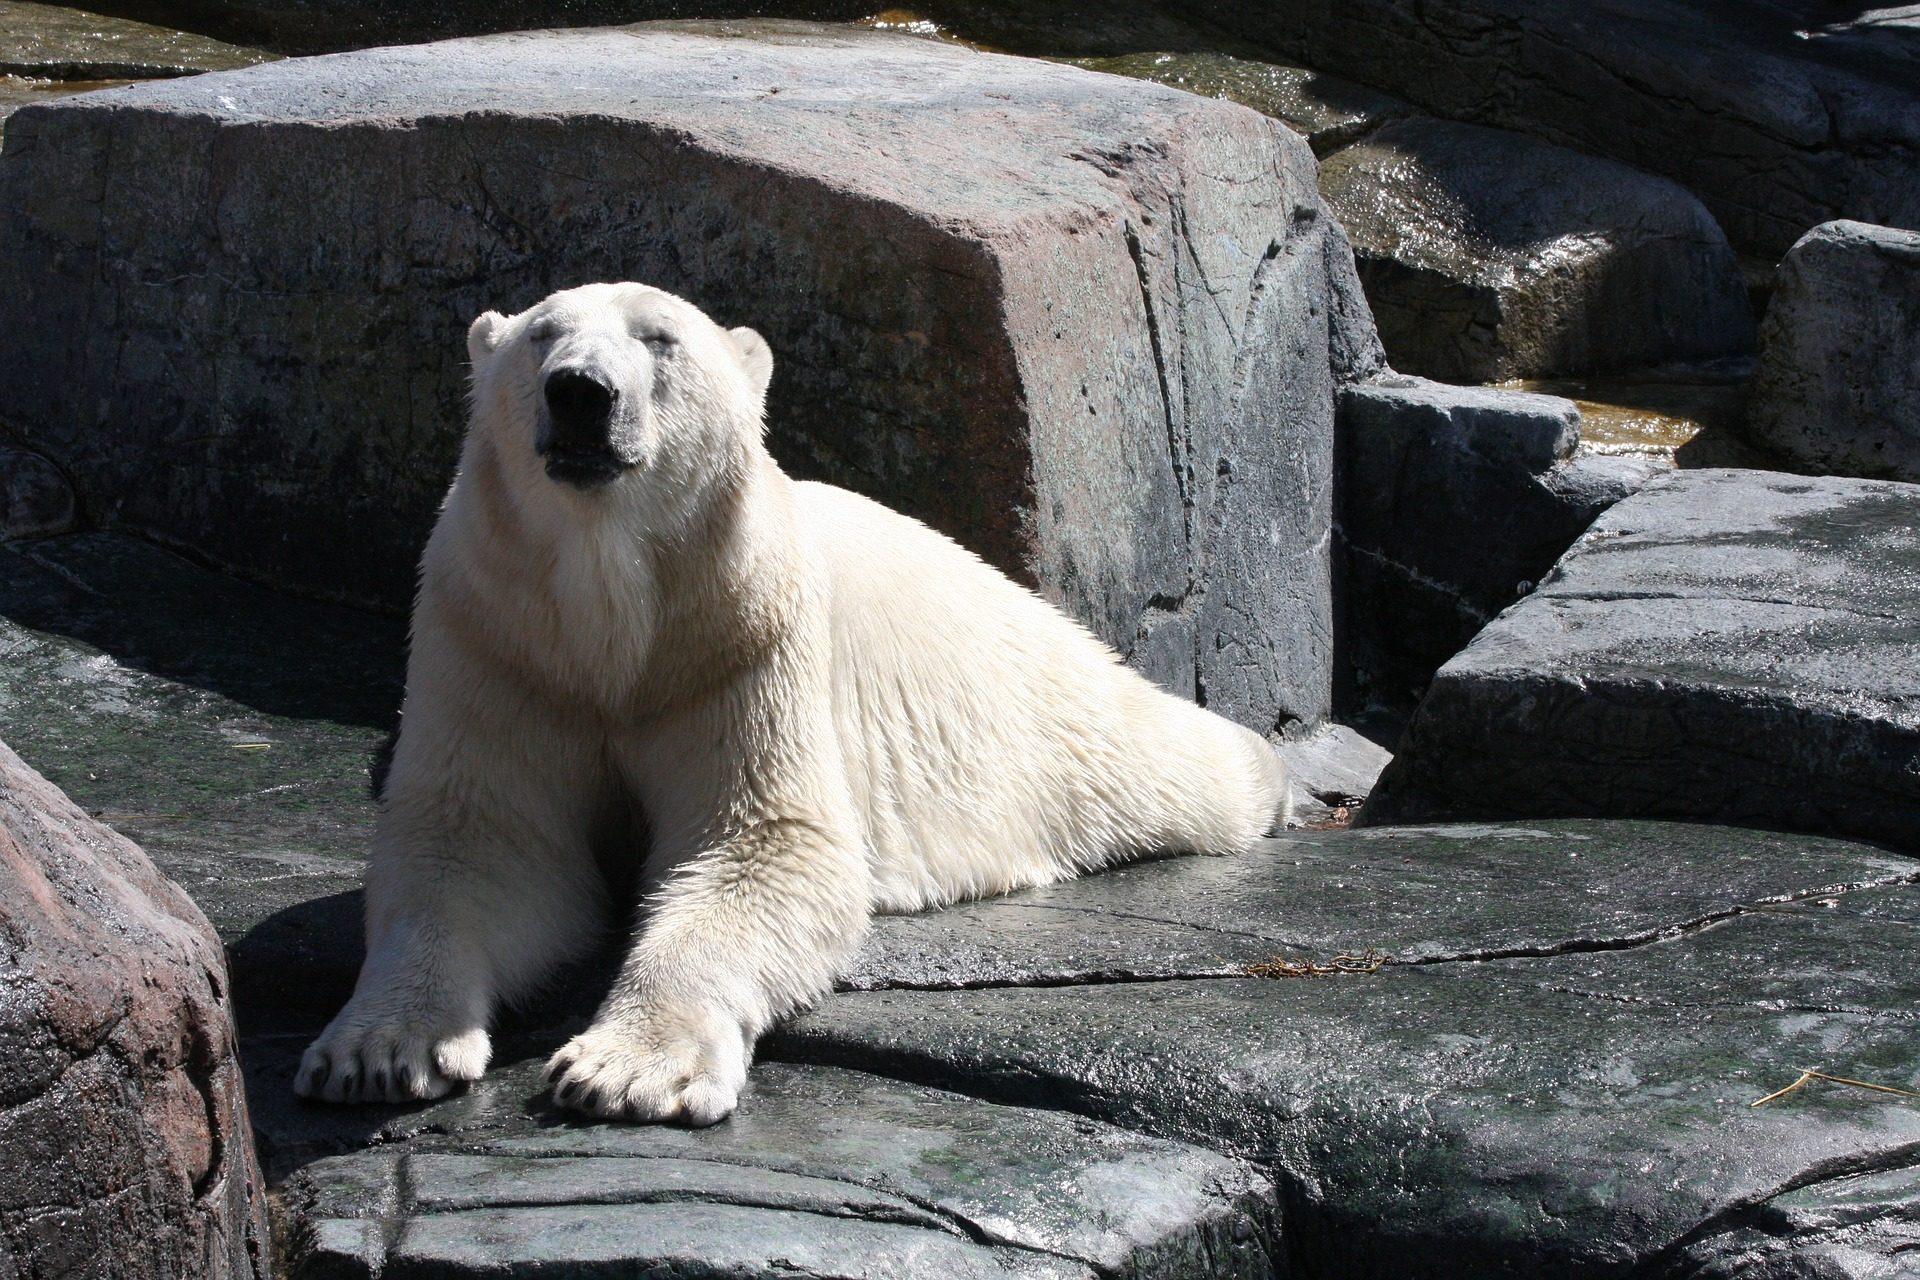 медведь, Полярный, Белый, Отдых, камни, воды - Обои HD - Профессор falken.com